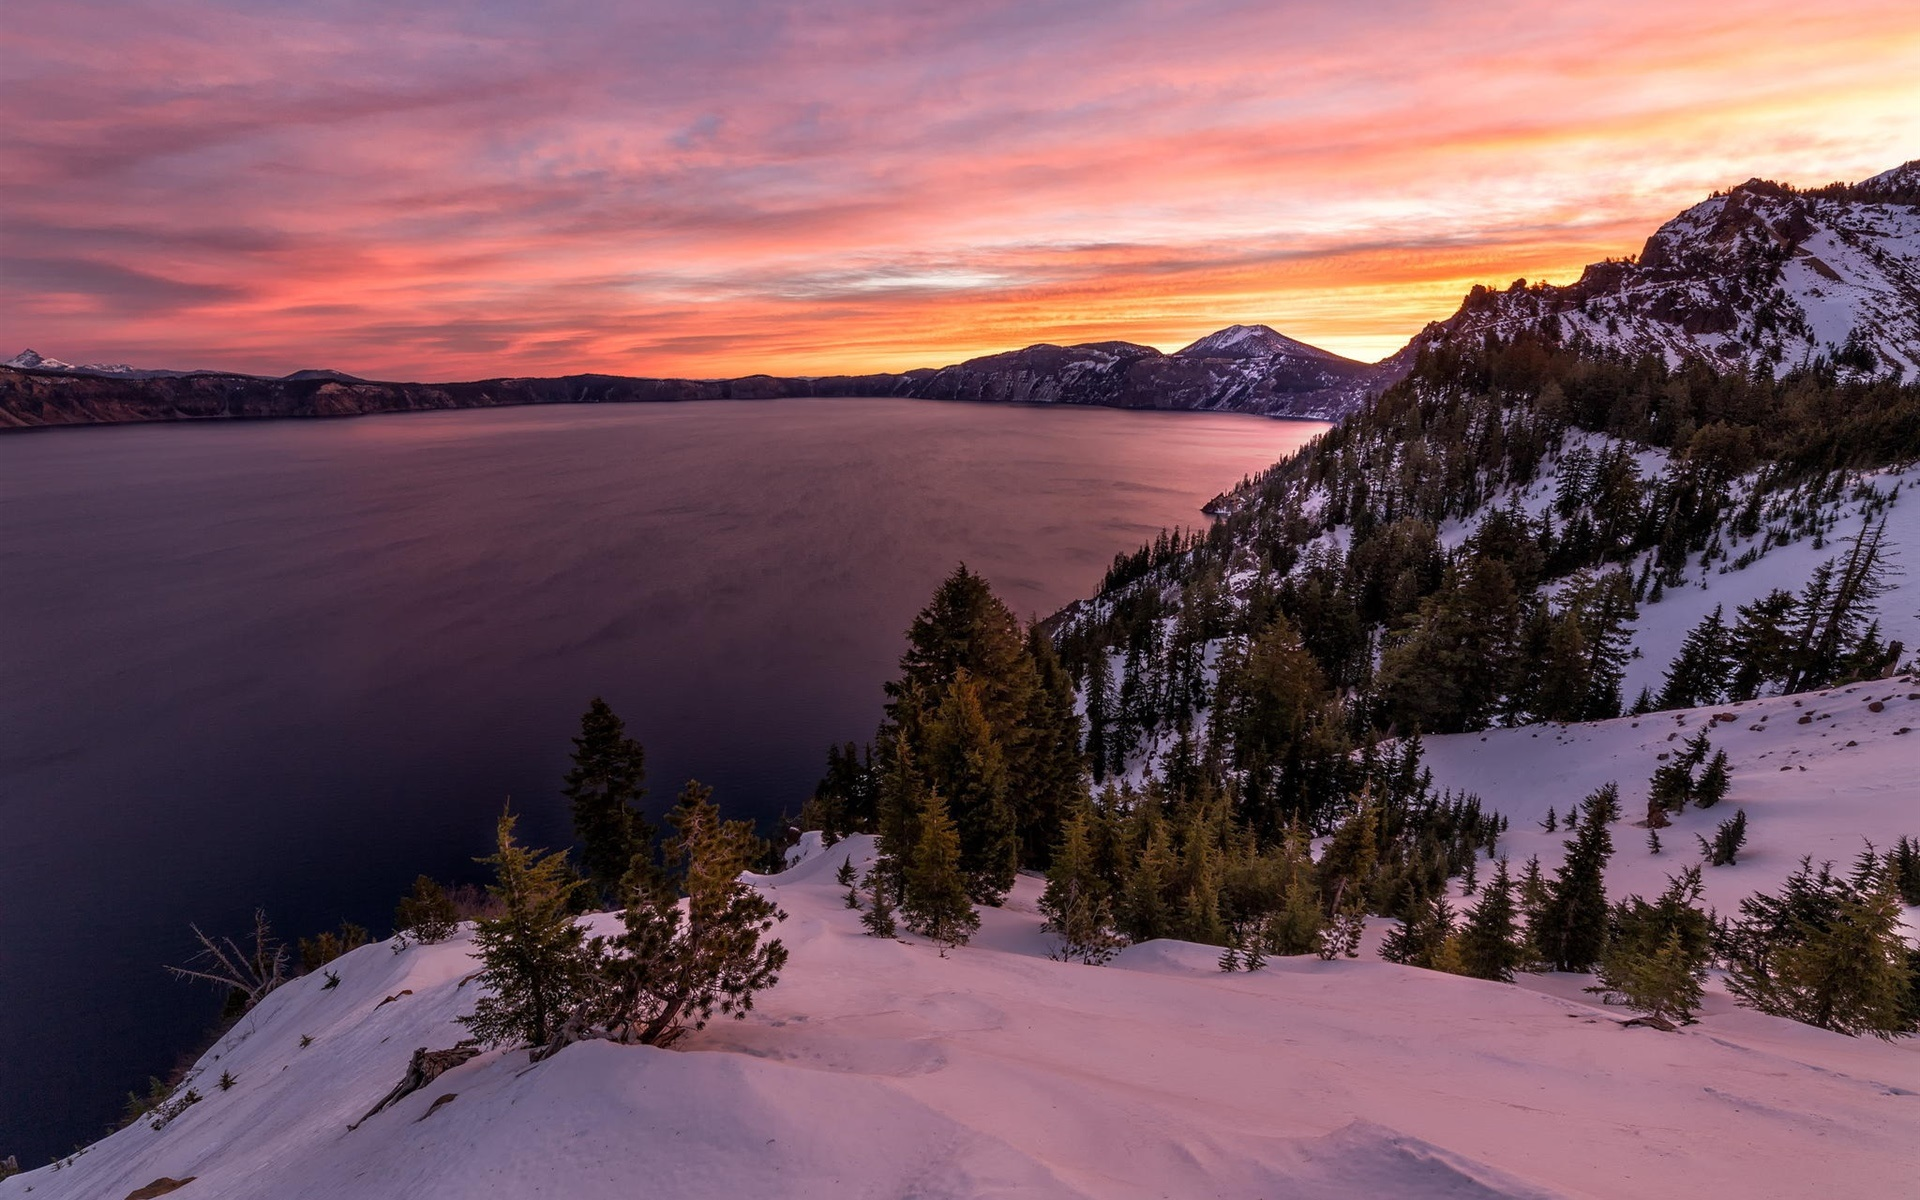 夜明けの壮大な雪景色